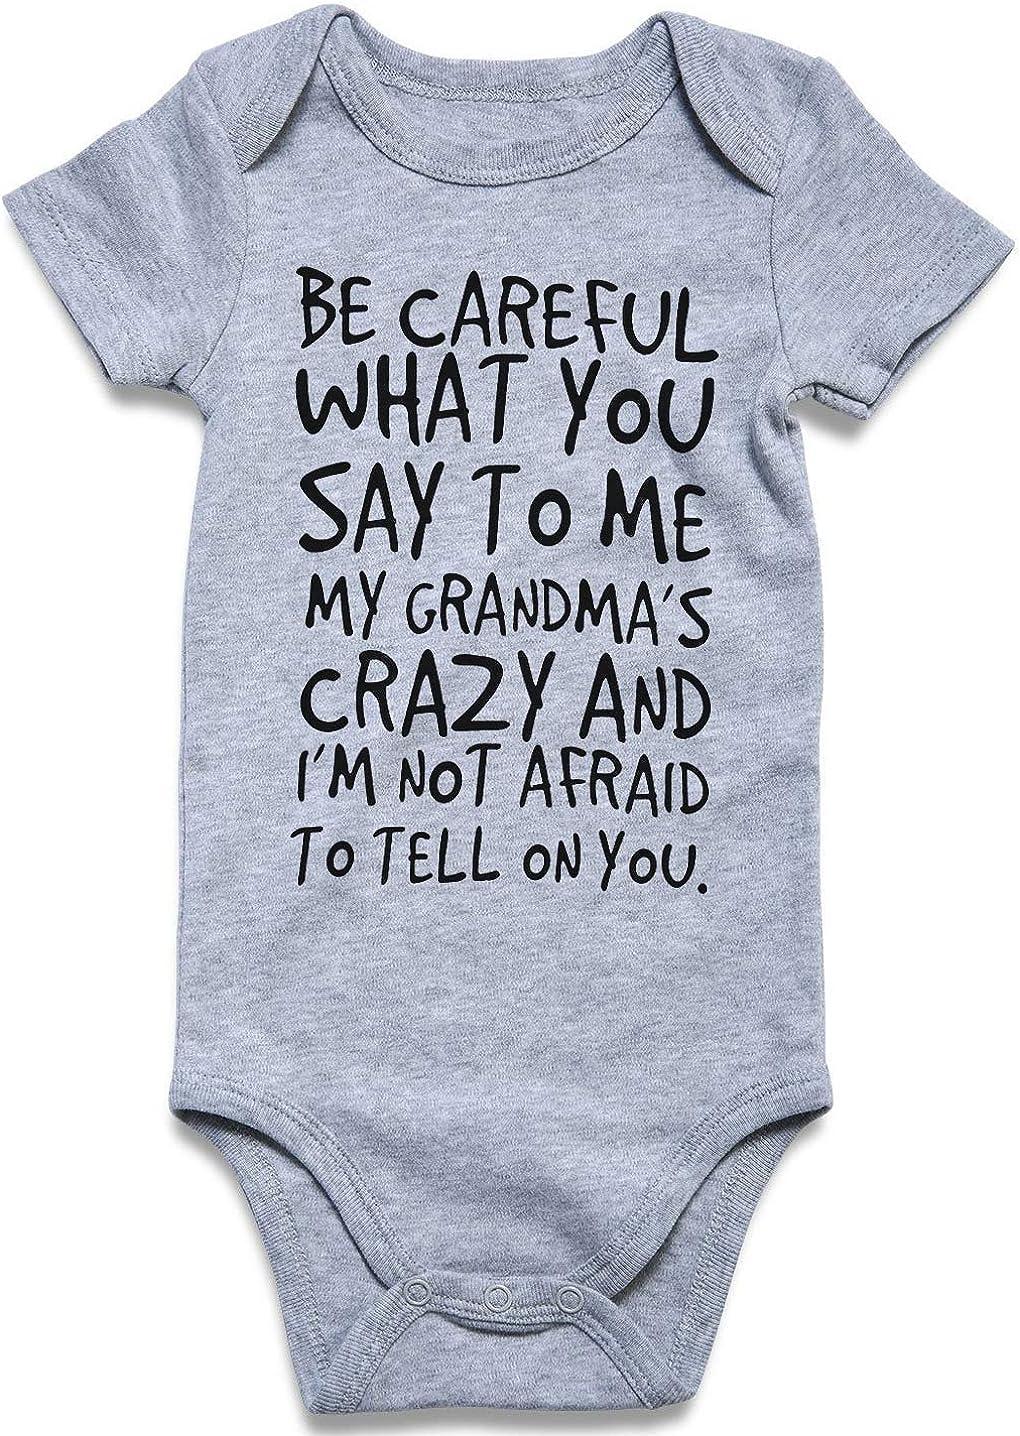 RAISEVERN Unisex Neugeborenes Baby Bodys Baumwolle Strampler L/ässige Kurzarm Overall mit lustigen Worten Einteiliges Outfit f/ür 0-12Monat Junge M/ädchen